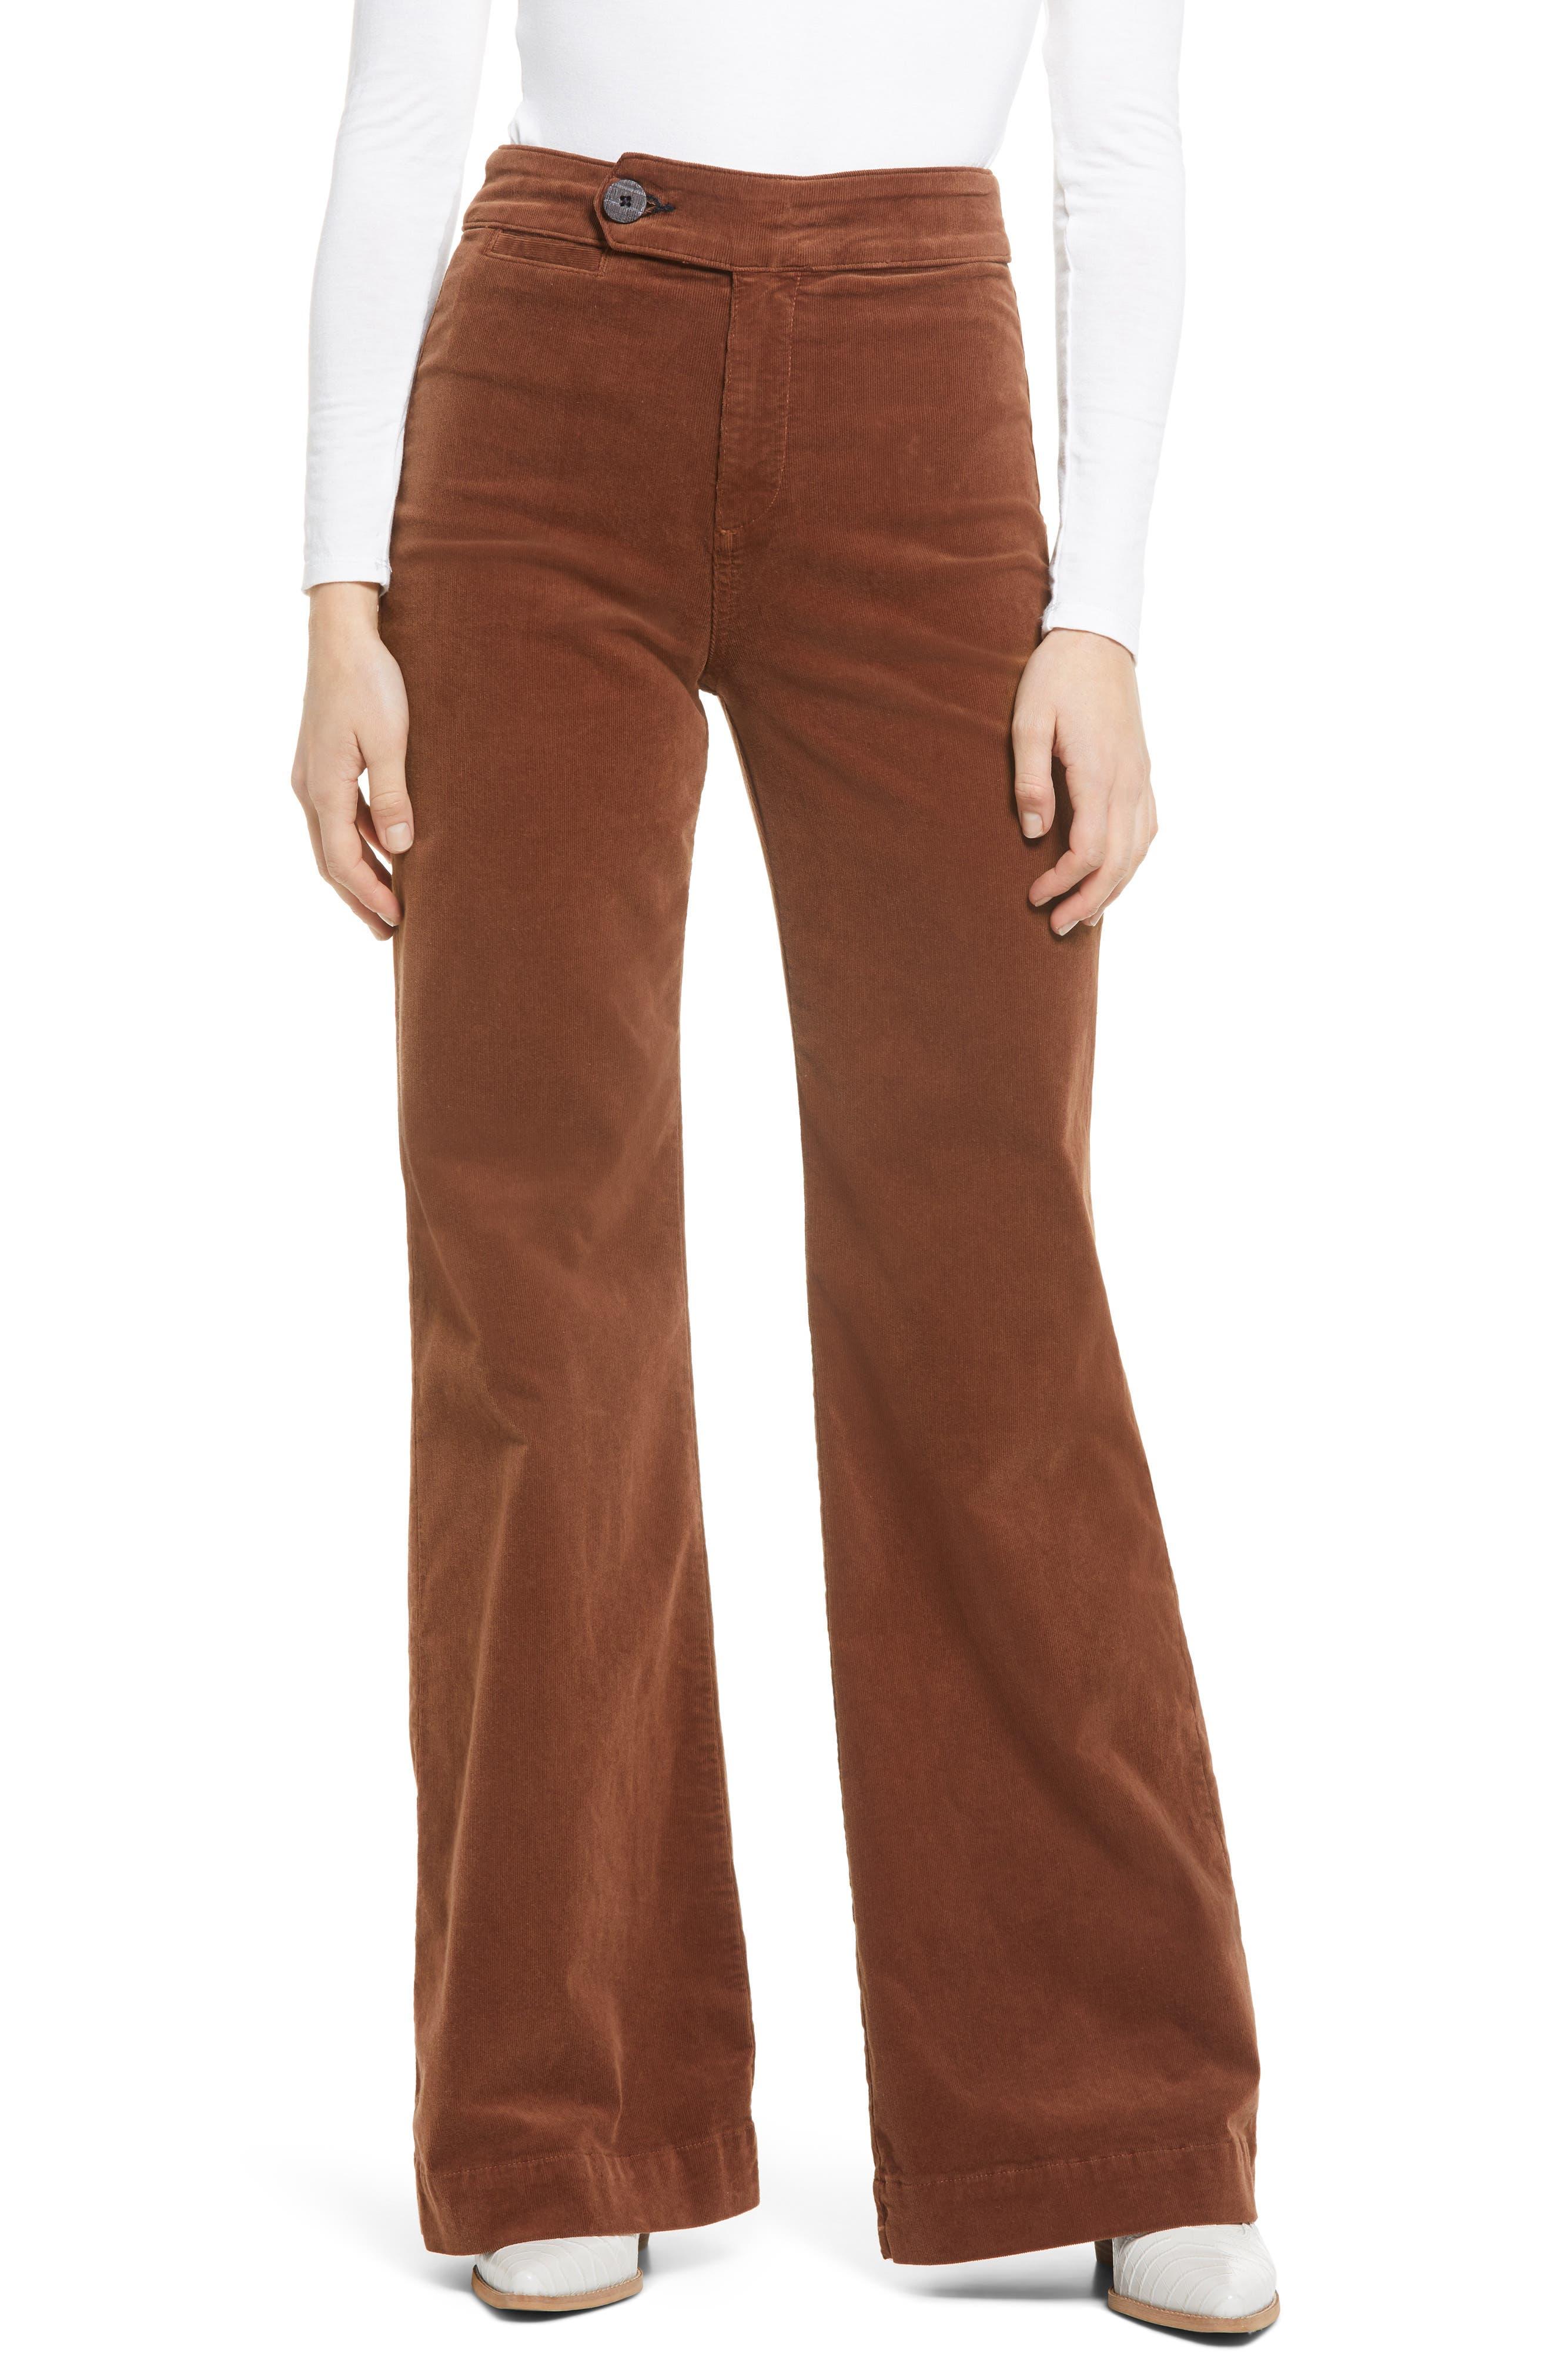 60s Pants, Jeans, Hippie, Flares, Jumpsuits Womens Askk Ny 70S Wide Leg Courduroy Pants Size 32 - Brown $225.00 AT vintagedancer.com